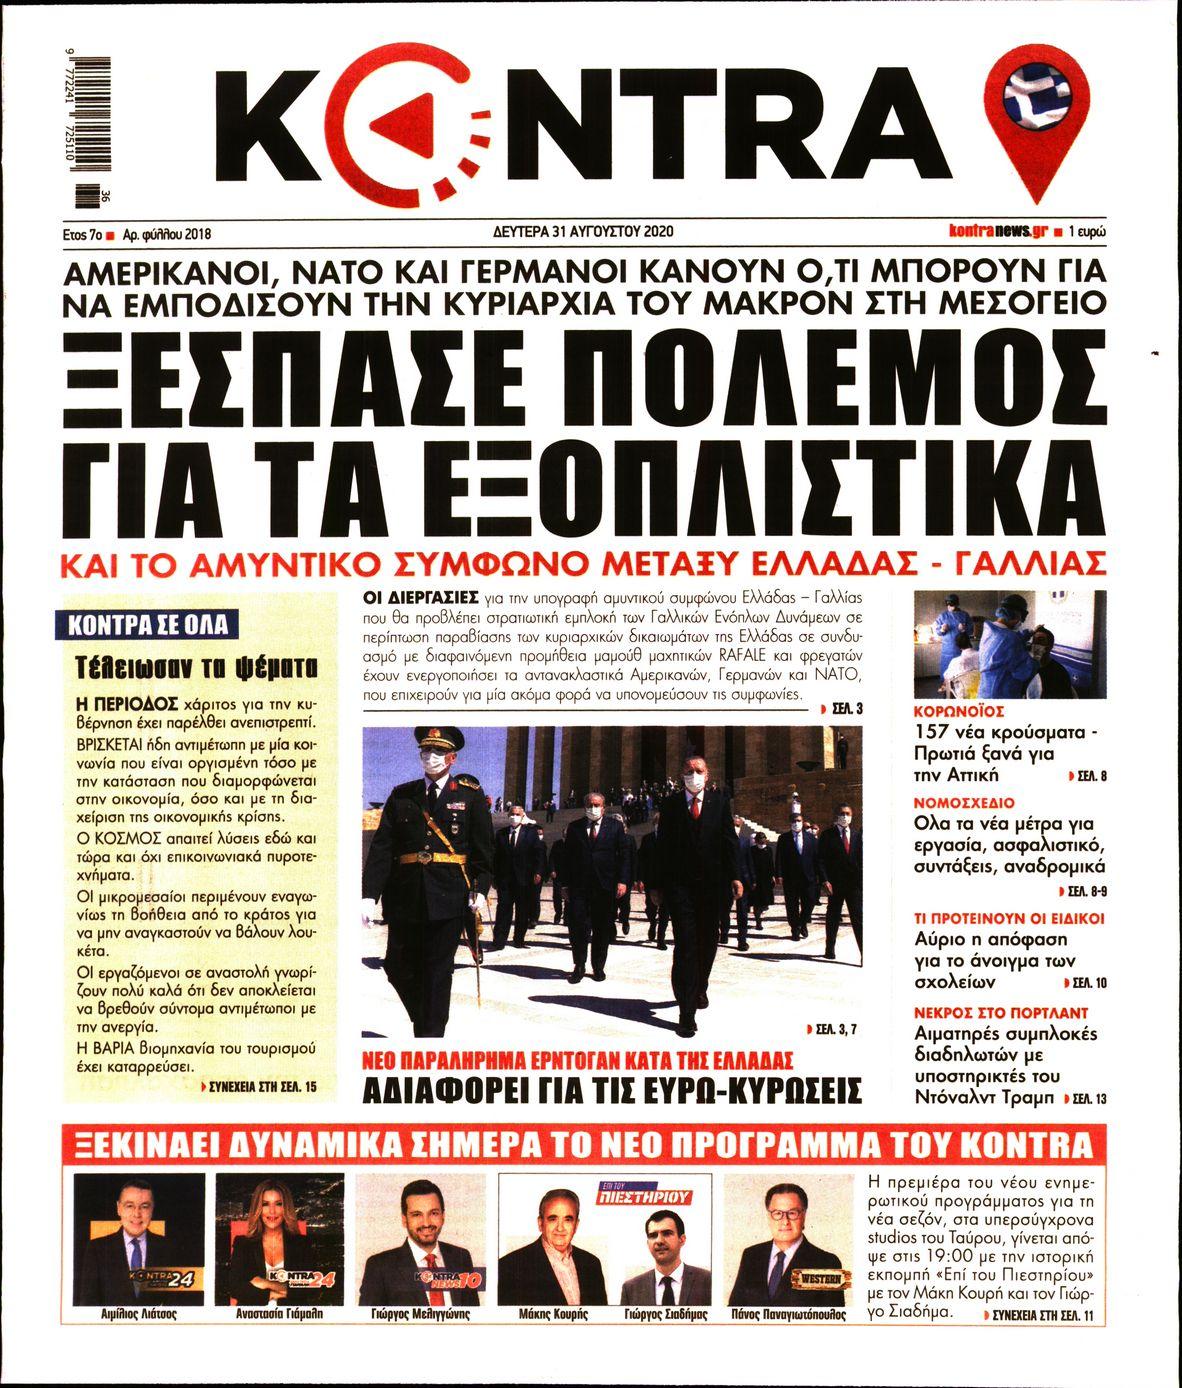 https://www.newsbeast.gr/files/1/newspapers/2020/08/31/27374682_6504.jpg